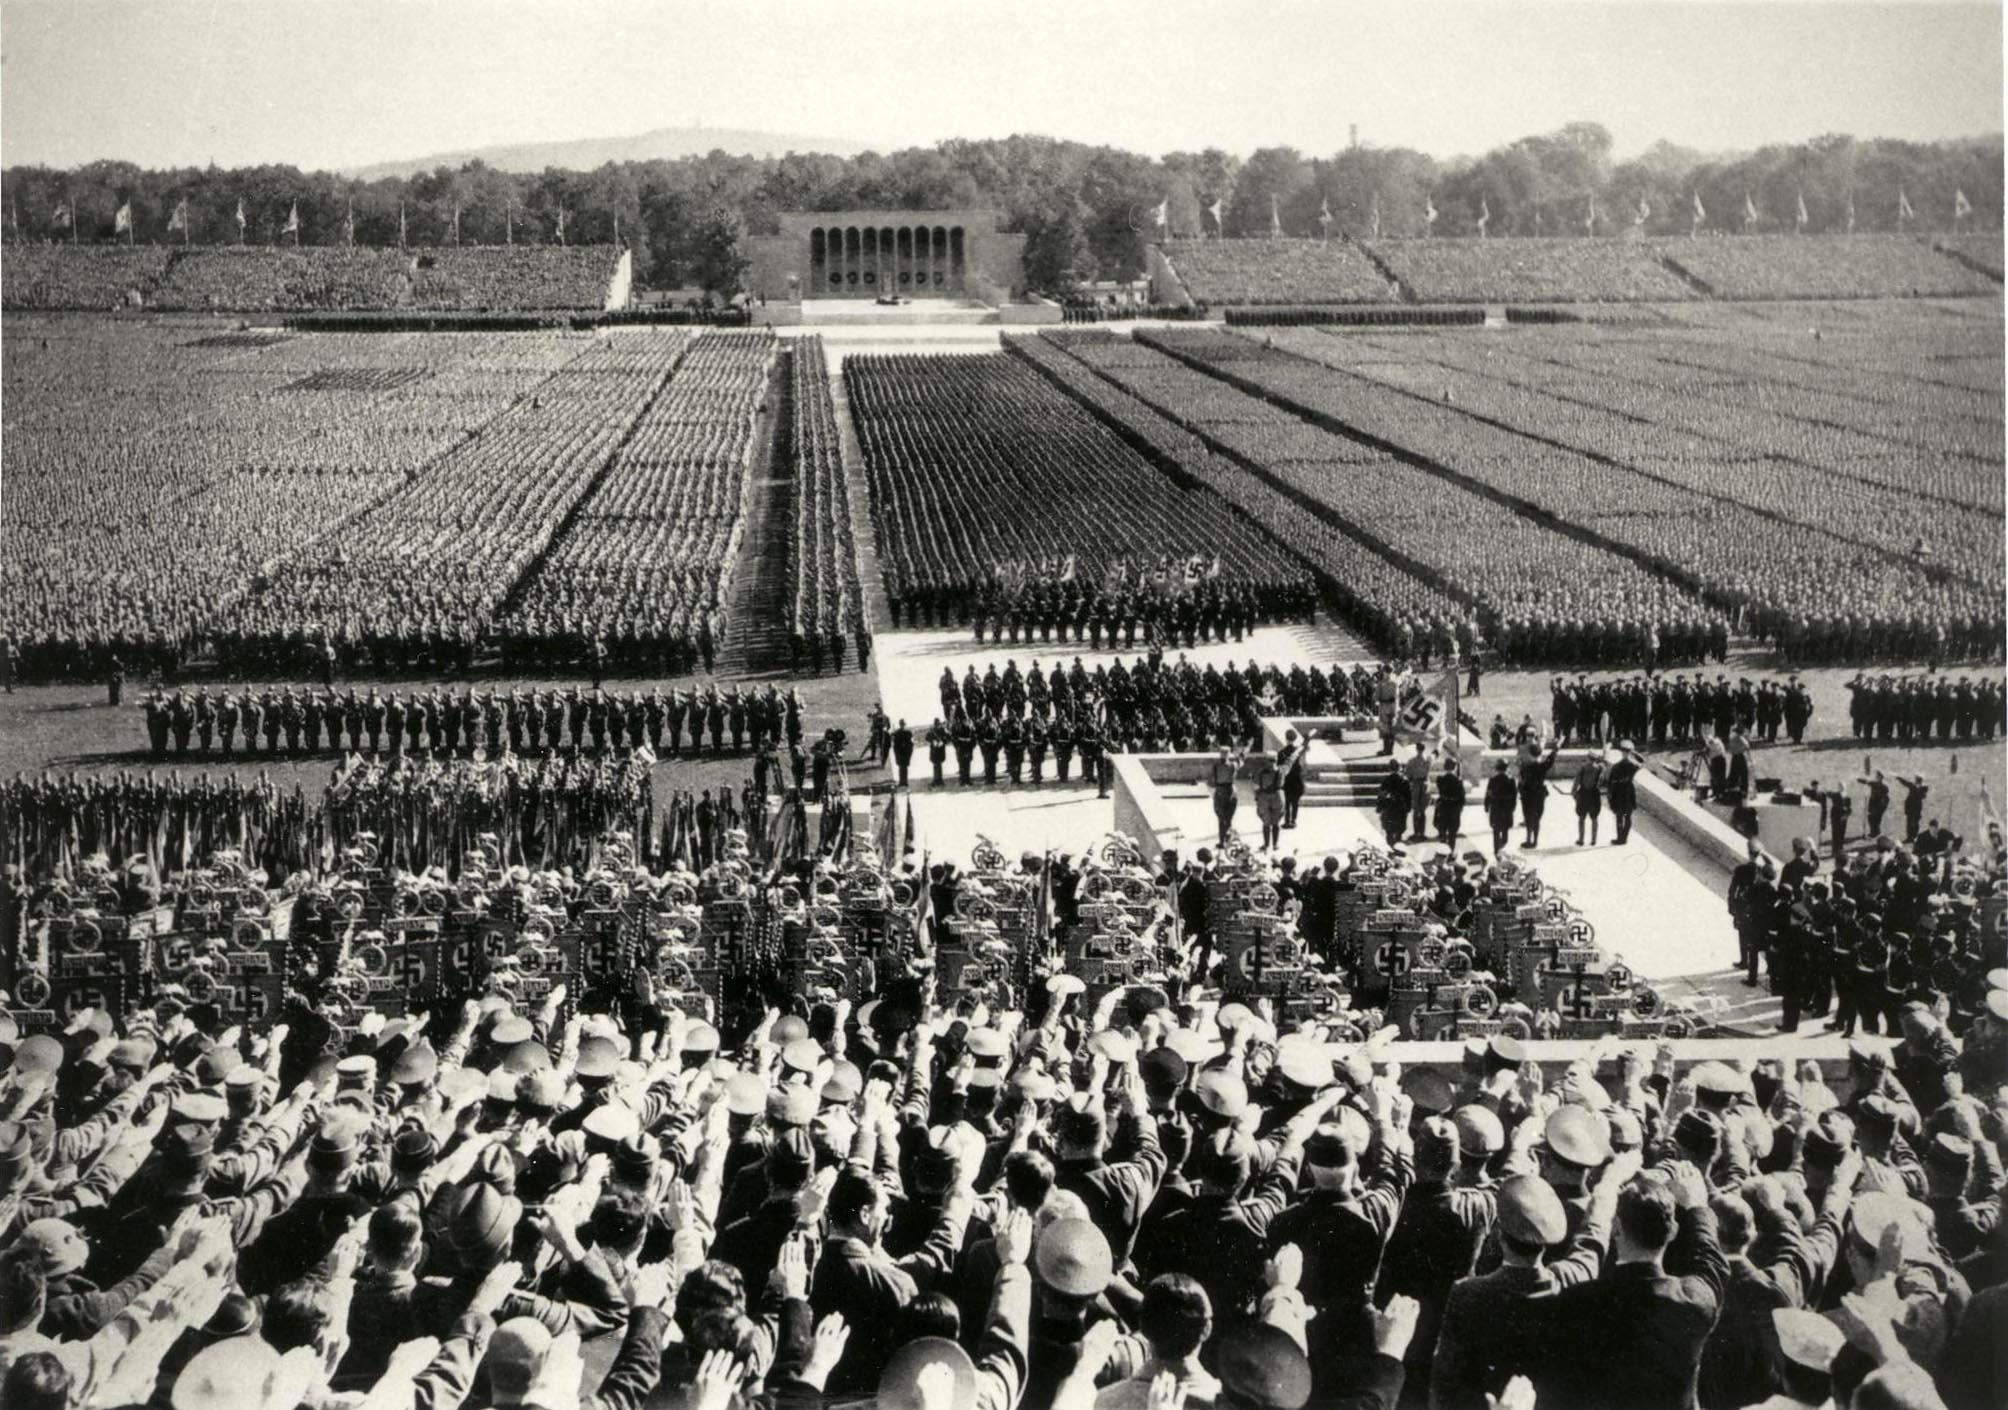 Das ehemalige Reichsparteitagsgelände ist ein Lernort der deutschen Geschichte Foto: Geschichte Für Alle e.V. – Institut für Regionalgeschichte